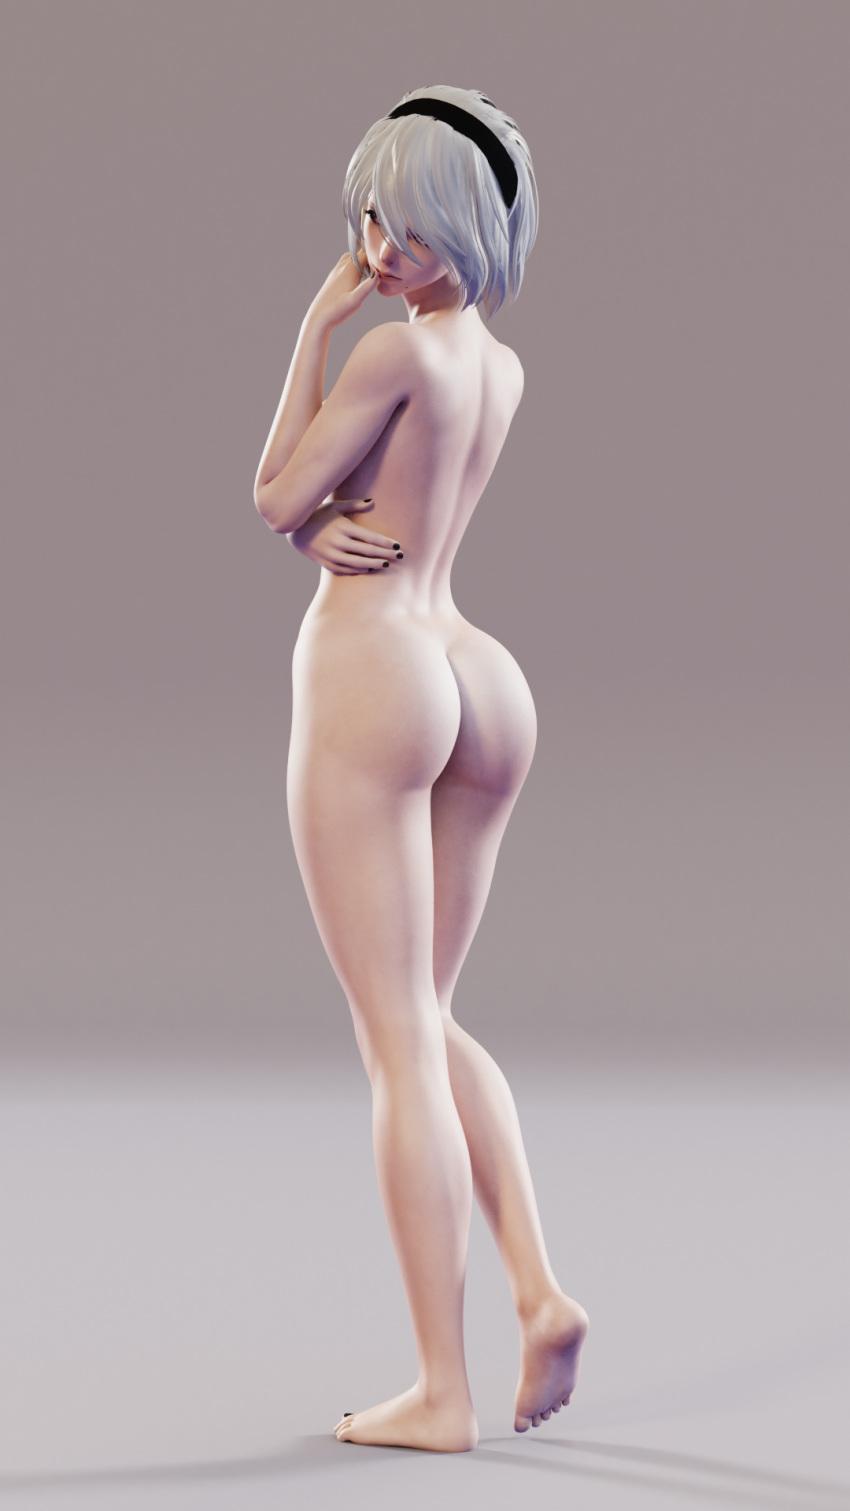 Jamie lee kaiser naked girl real sex